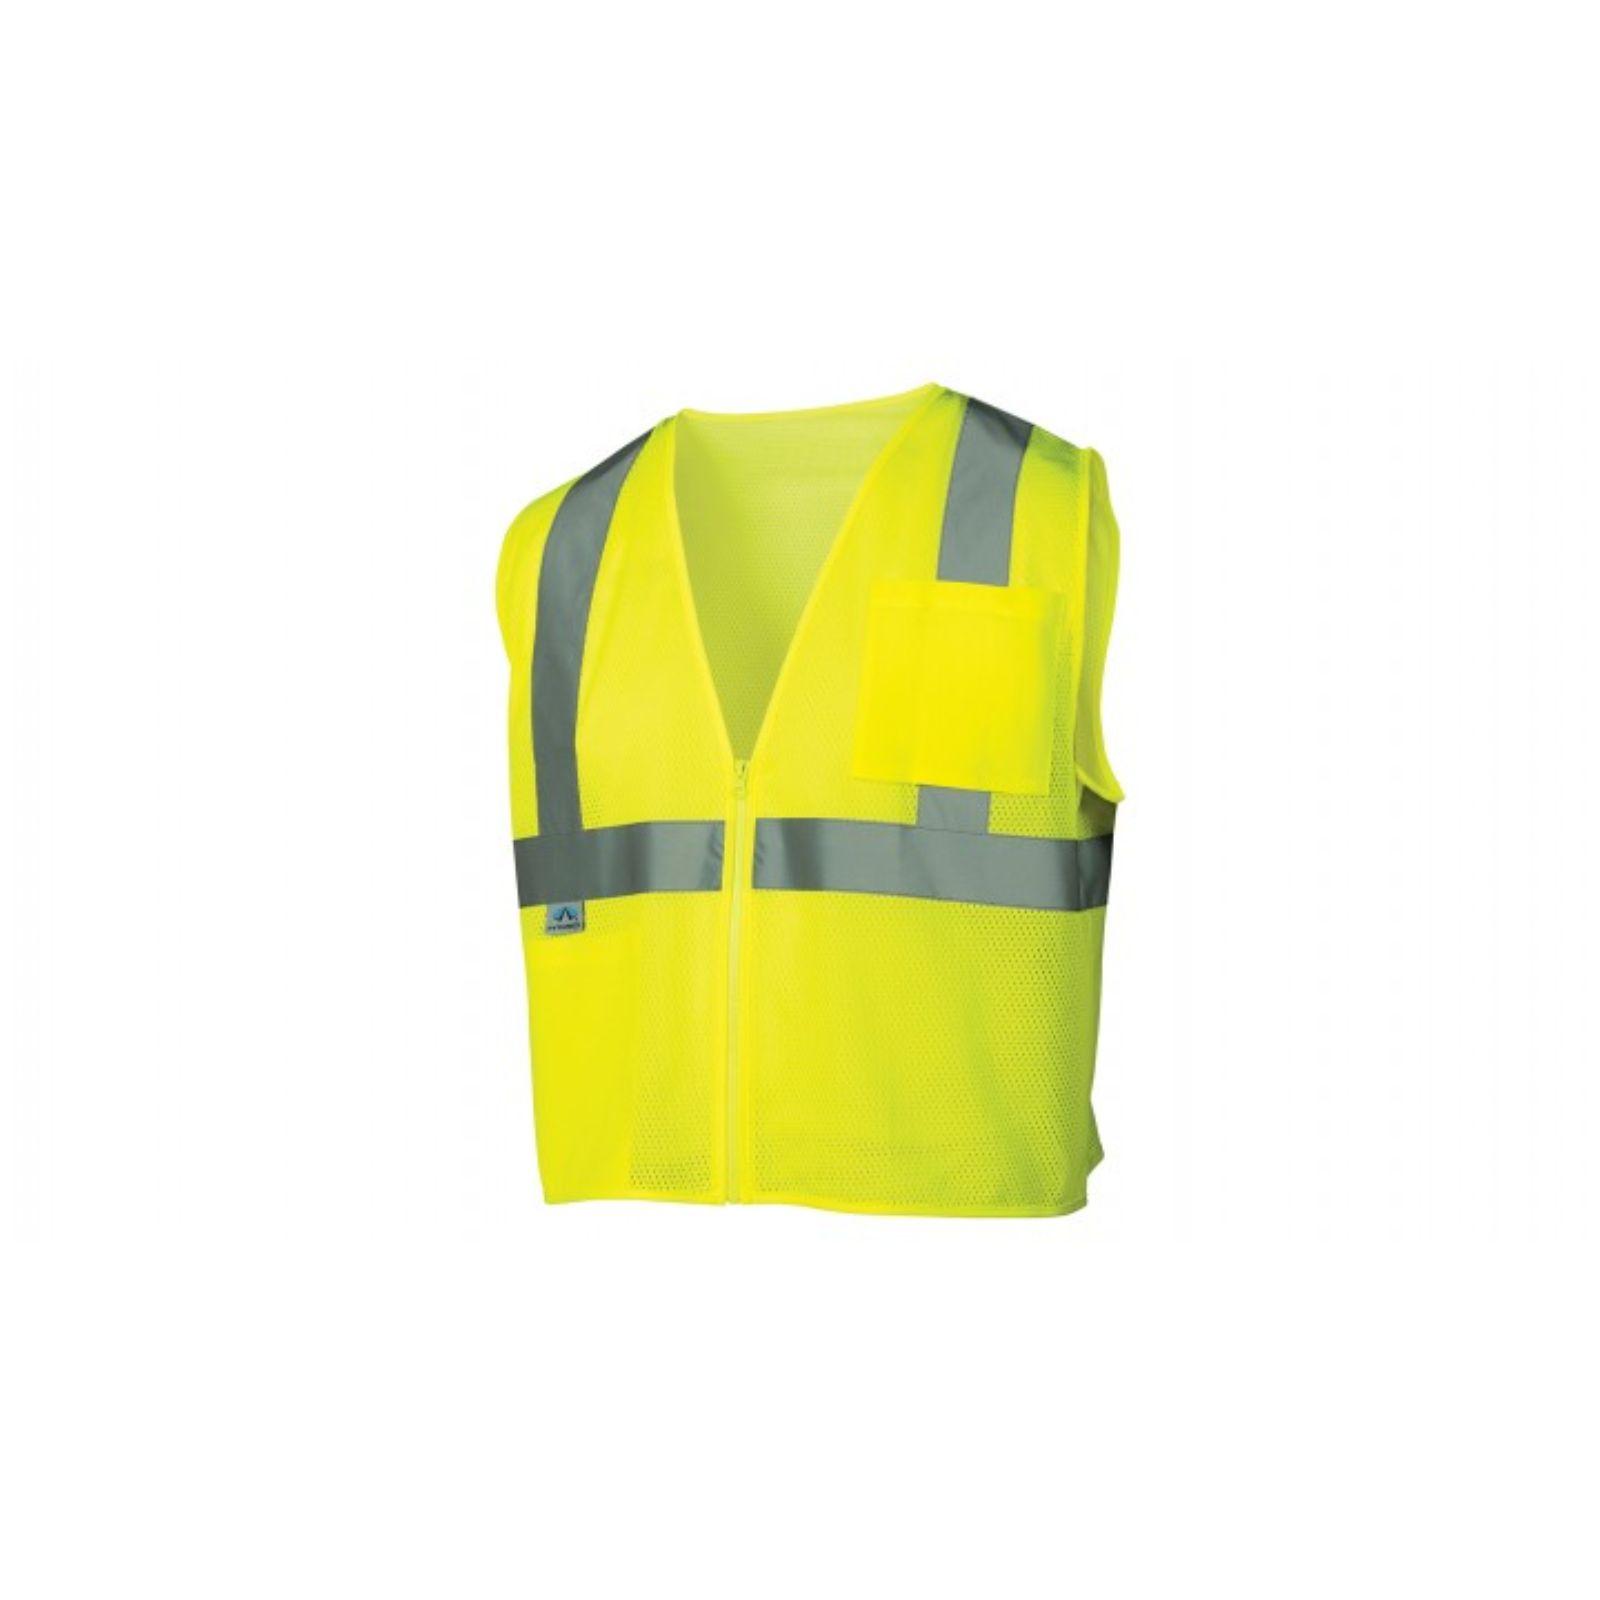 PyramexSafety Vest Hi-Vis Lime M